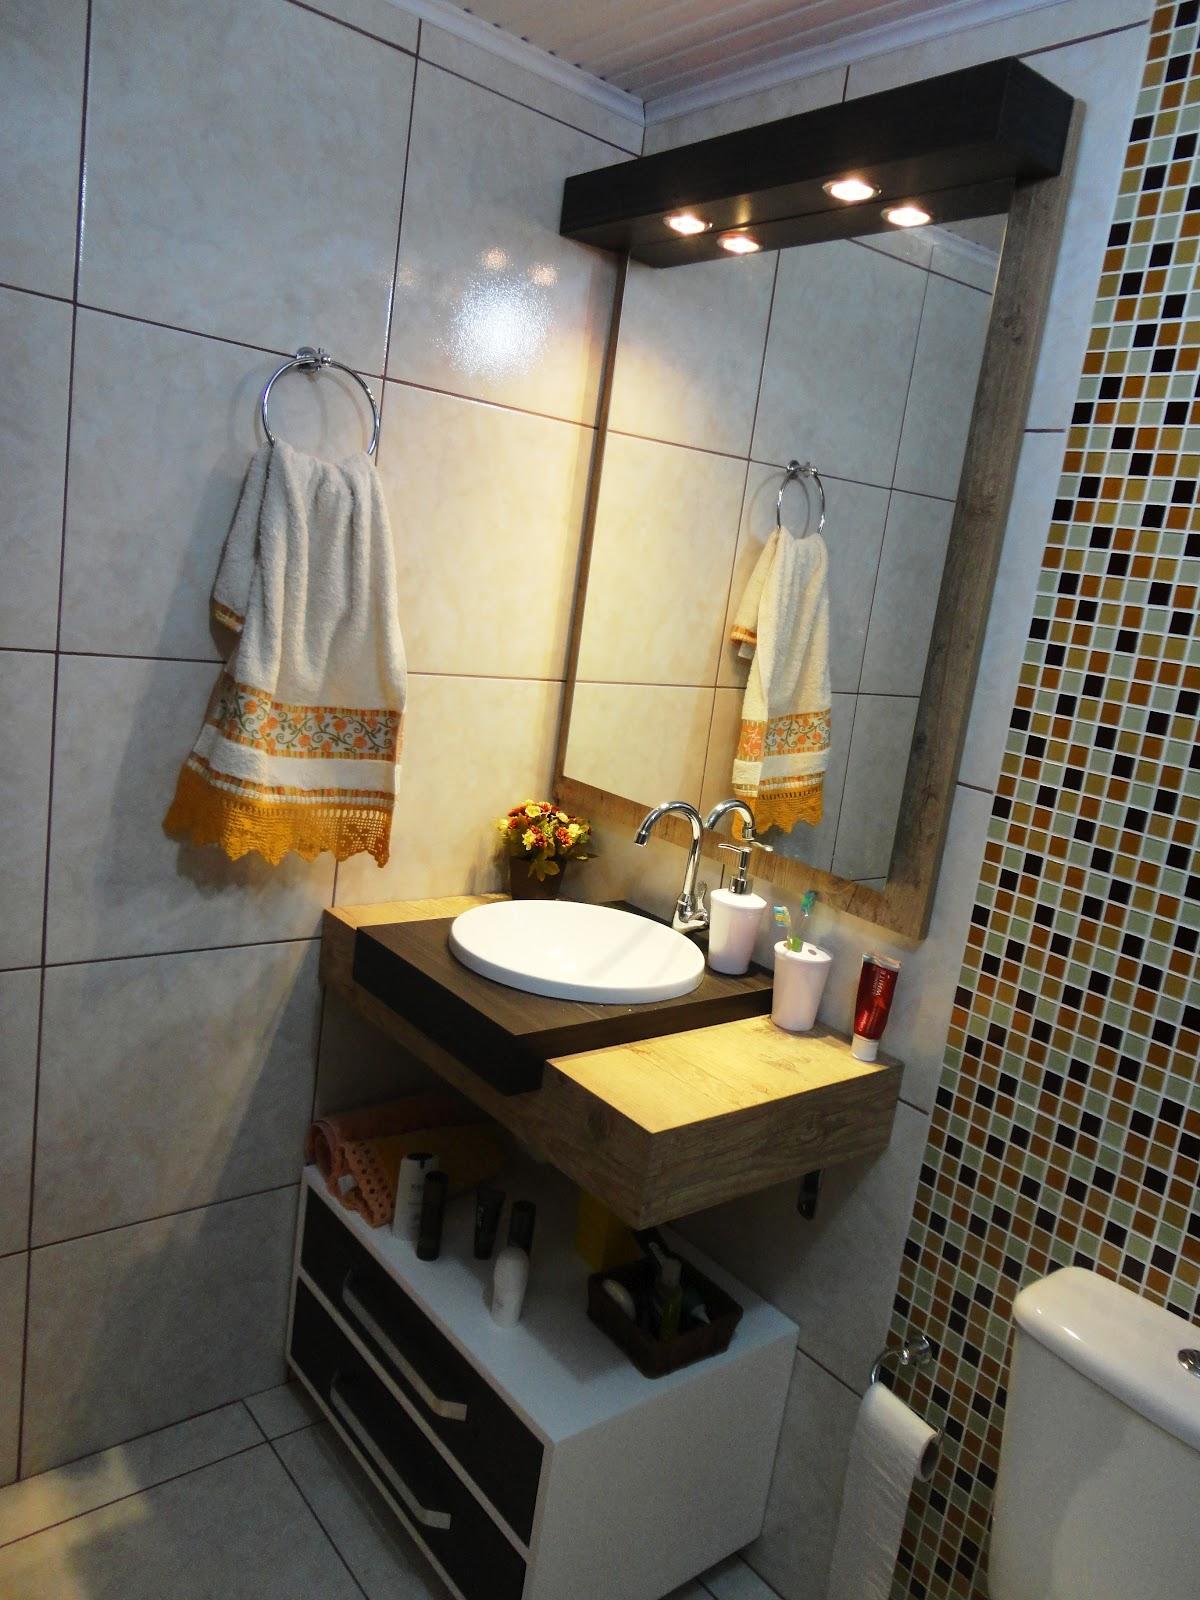 Imagens de #A27029 Banheiros com Pastilhas de vidro Mavel Materiais de Construção 1200x1600 px 3600 Banheiros Todo Bege